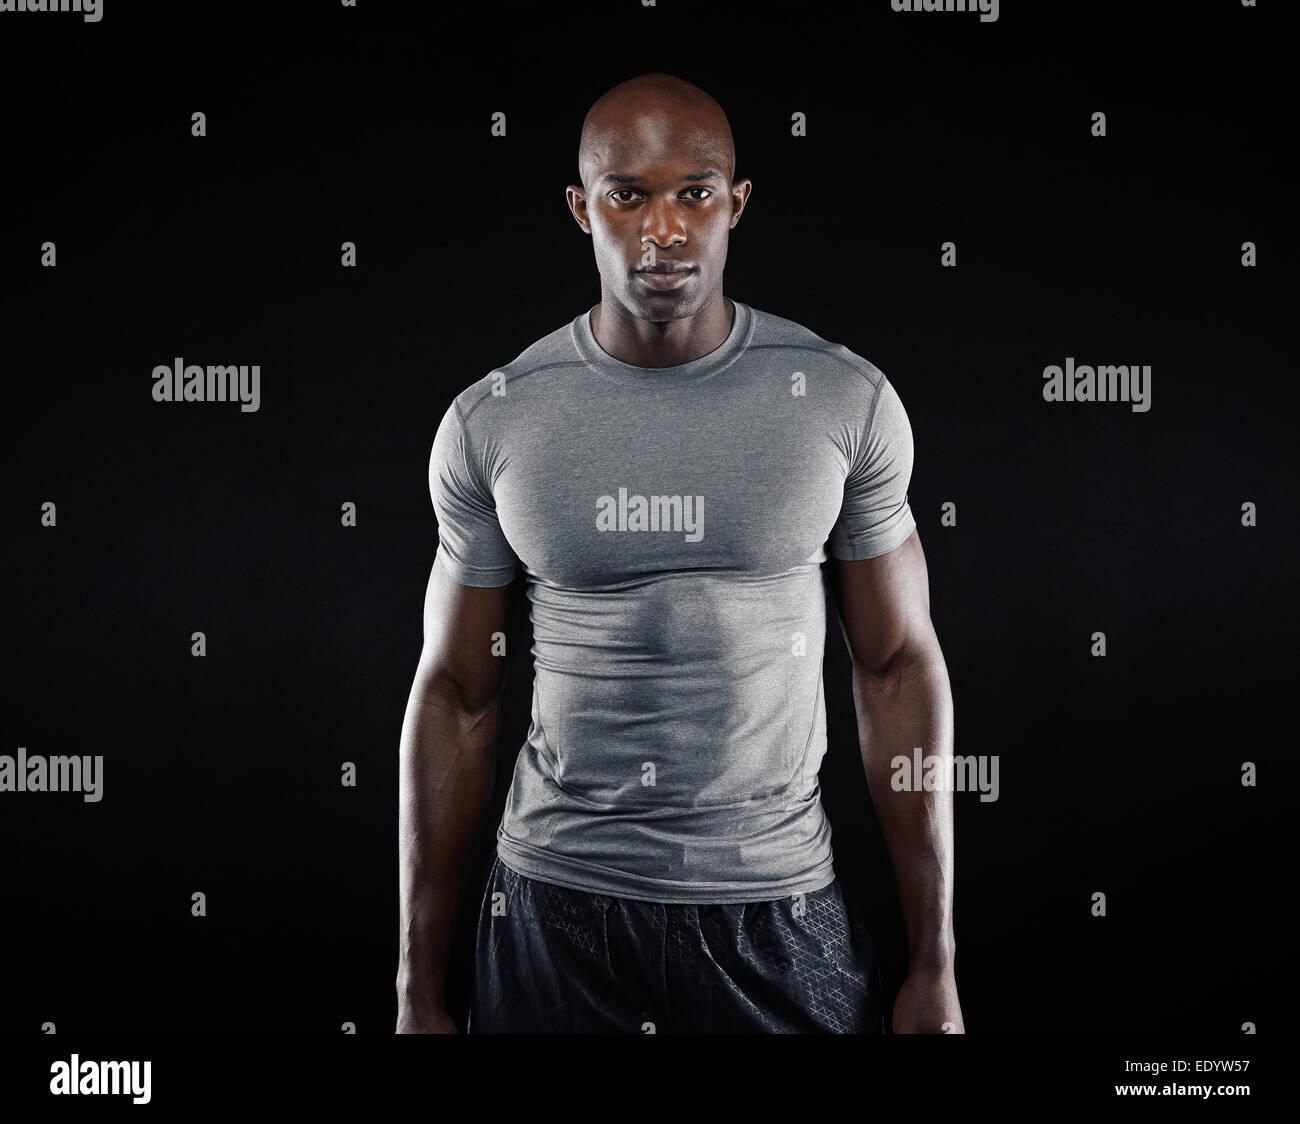 Porträt von Fit junger Mann muskulös steht auf schwarzem Hintergrund. Afro American Fitness-Modell. Stockbild